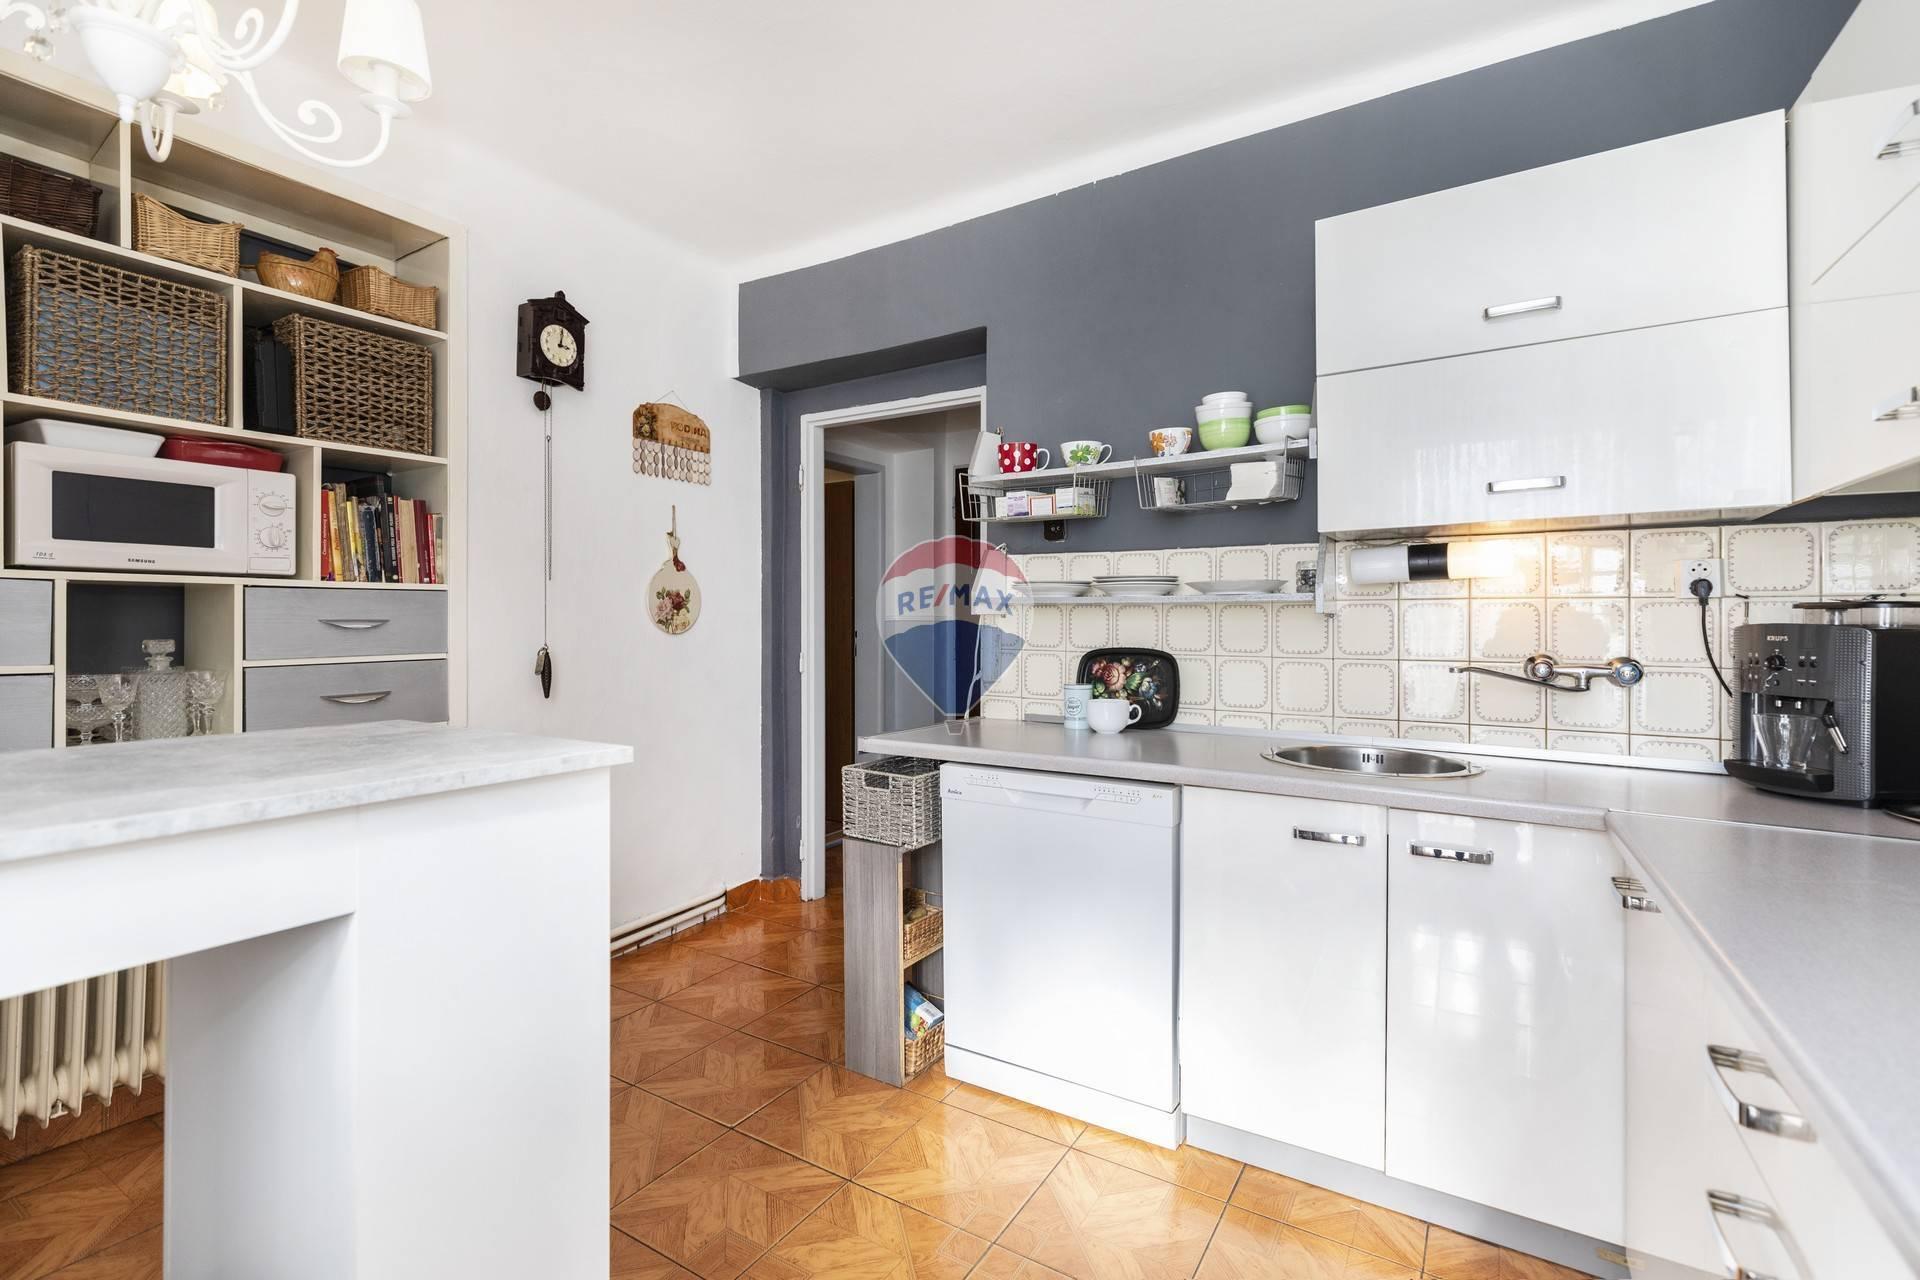 Predaj domu 100 m2, Ivanka pri Dunaji -